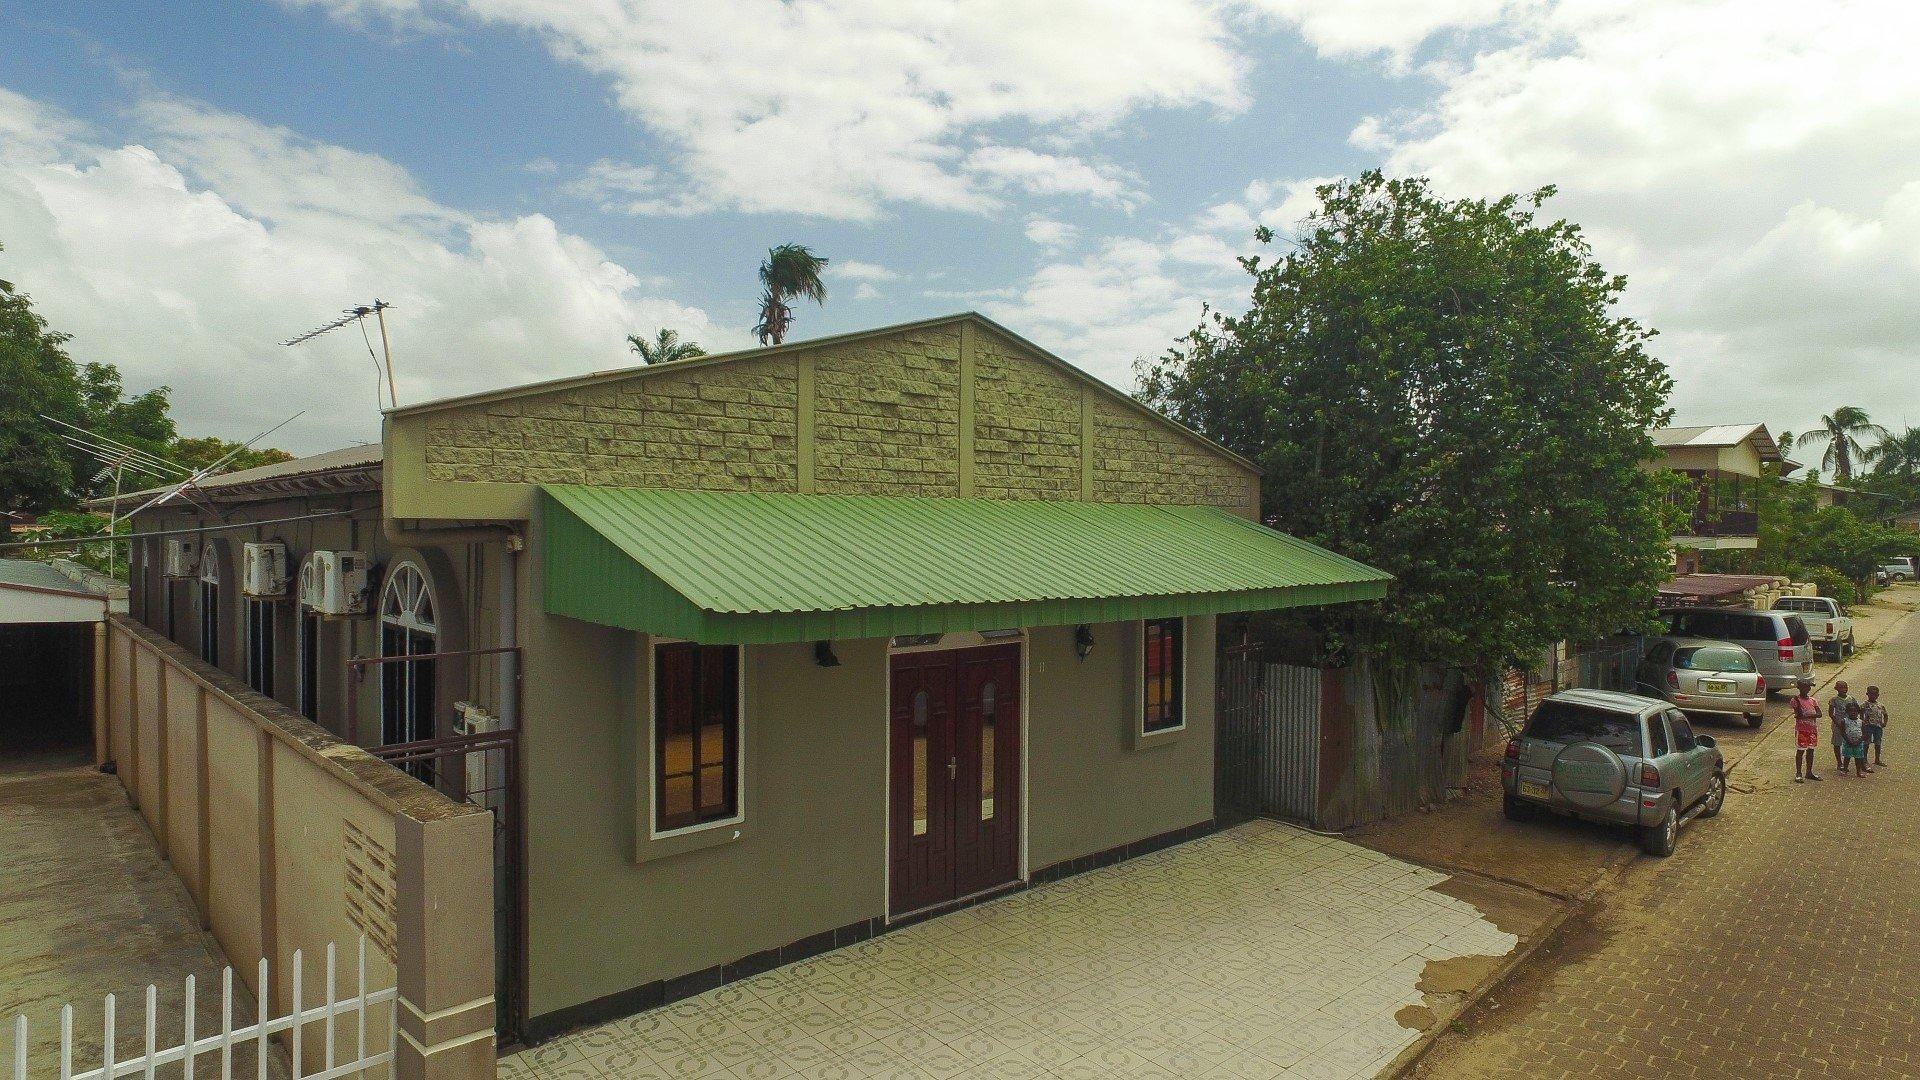 Tonkastraat 11 - Pand met drie appartementen - Surgoed Makelaardij NV - Paramaribo, Suriname